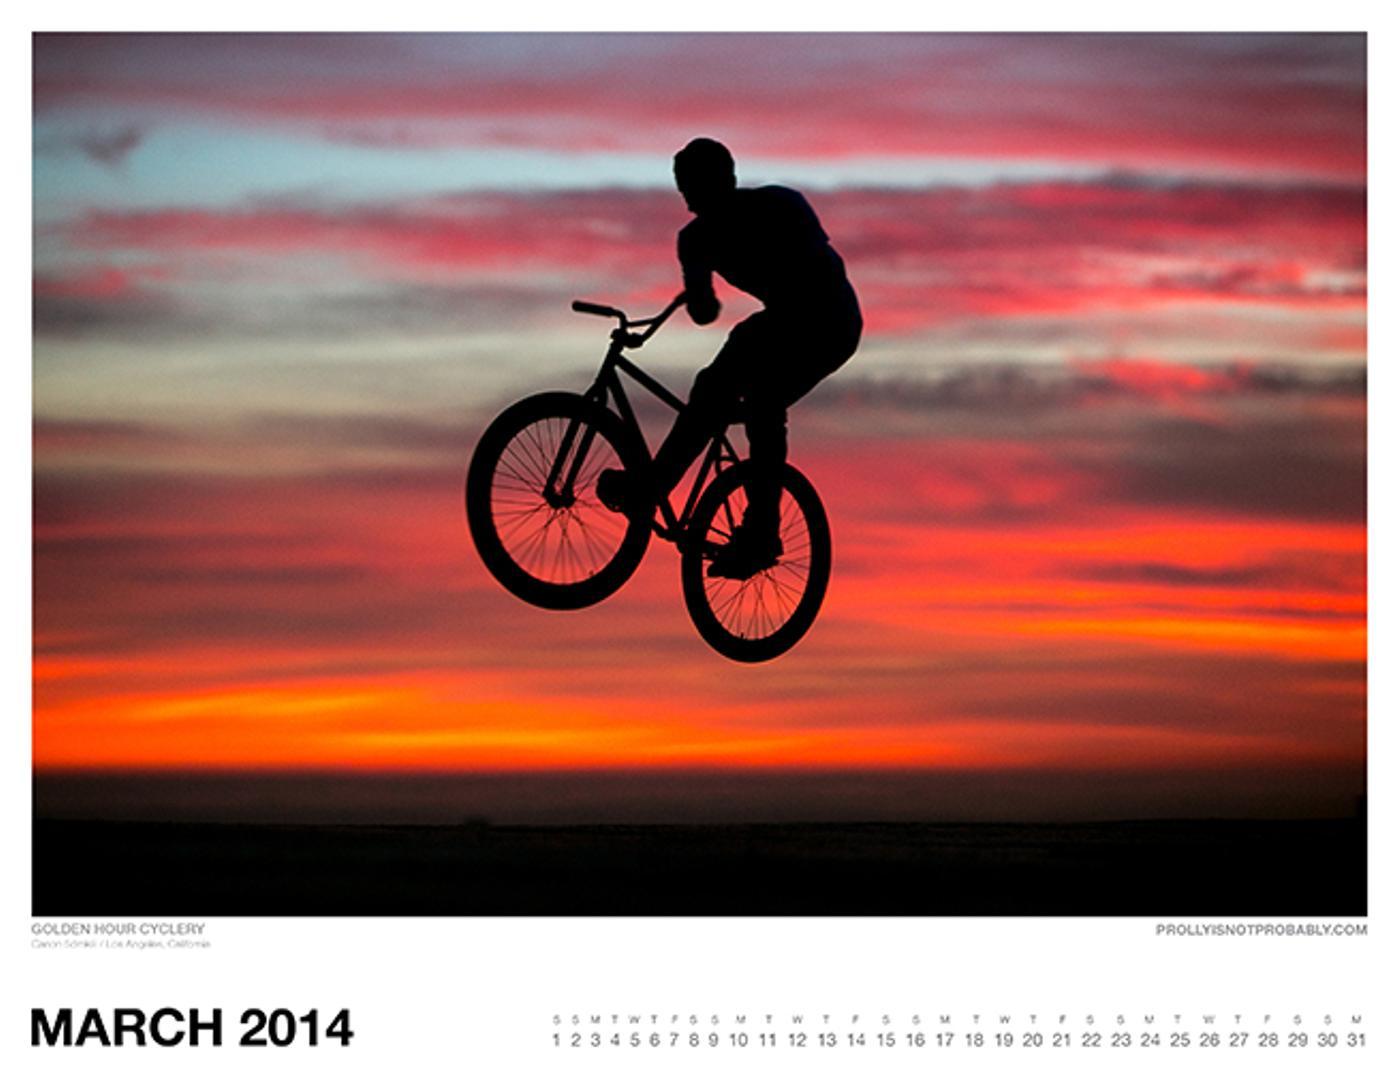 The 2014 PiNP Calendar: March